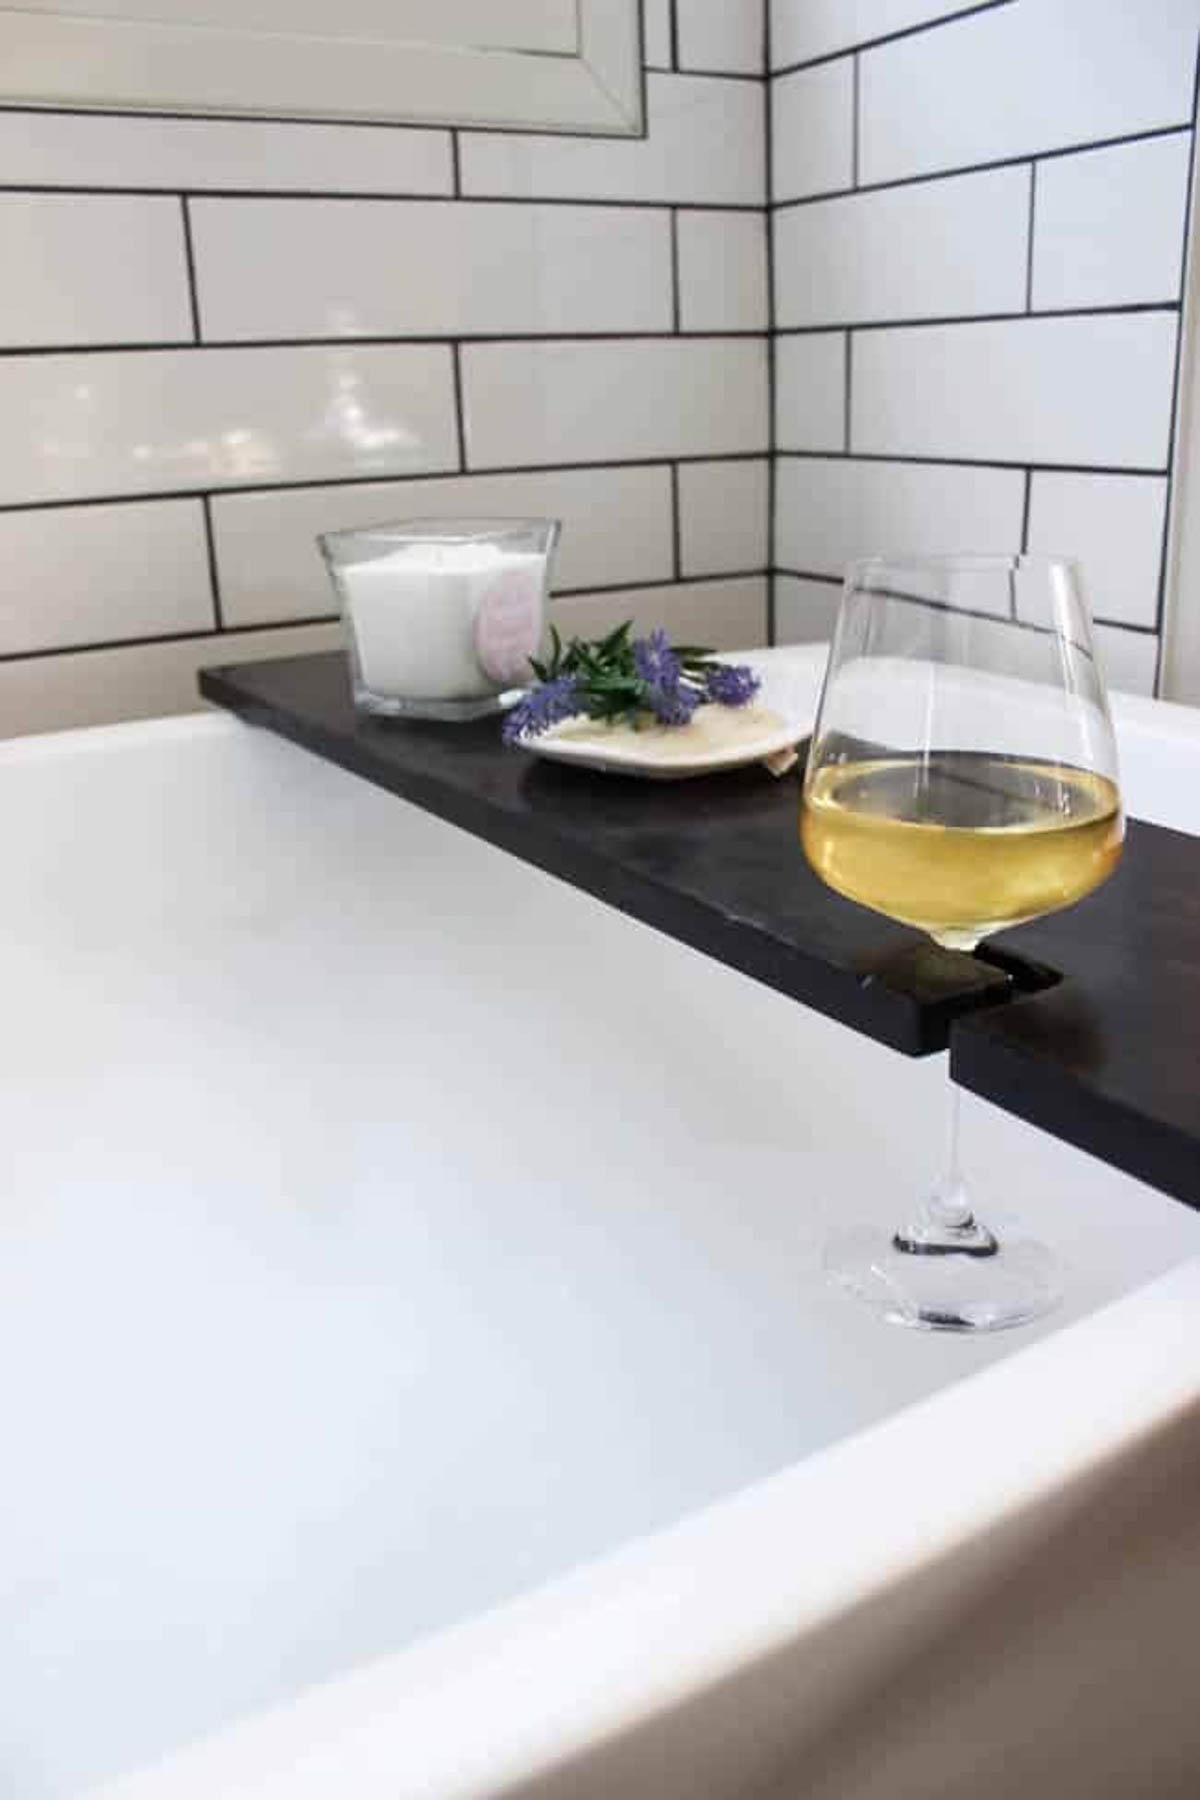 Finished DIY bath tray with wine glass holder on a bath tub